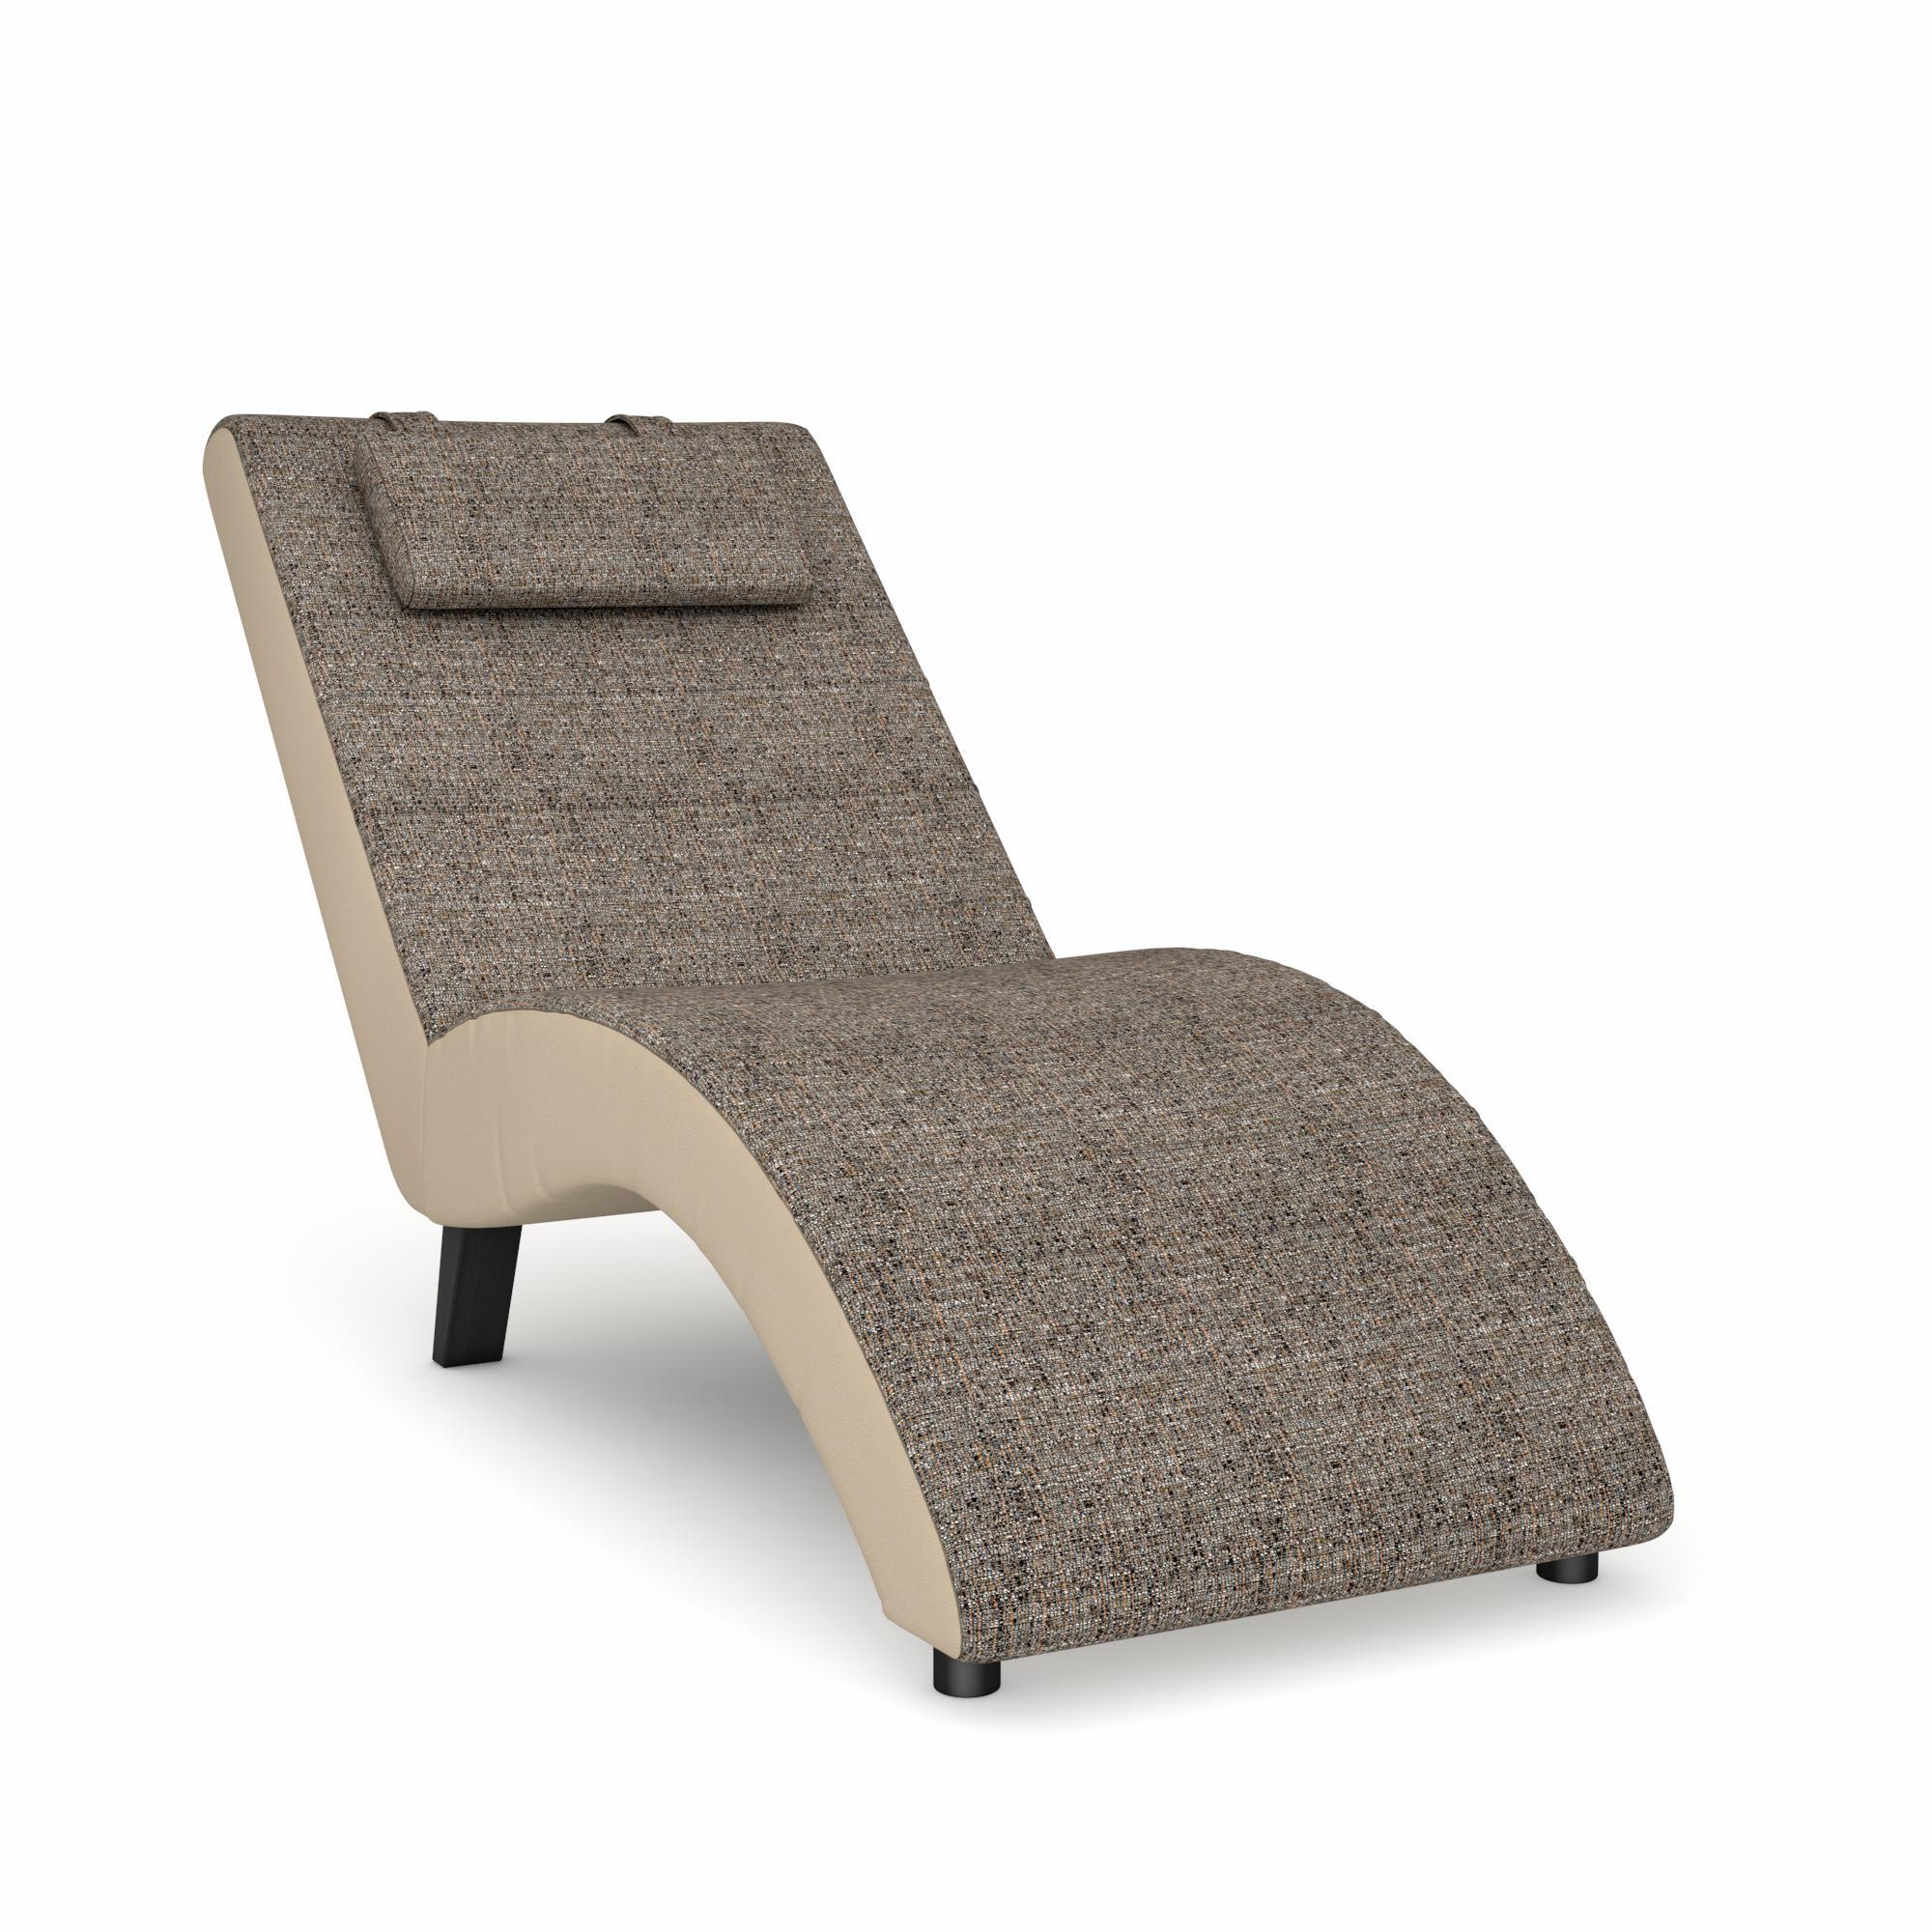 Max Winzer Relaxliege Nova | Wohnzimmer > Sessel > Relaxliegen | Holz - Kunstleder | Max Winzer